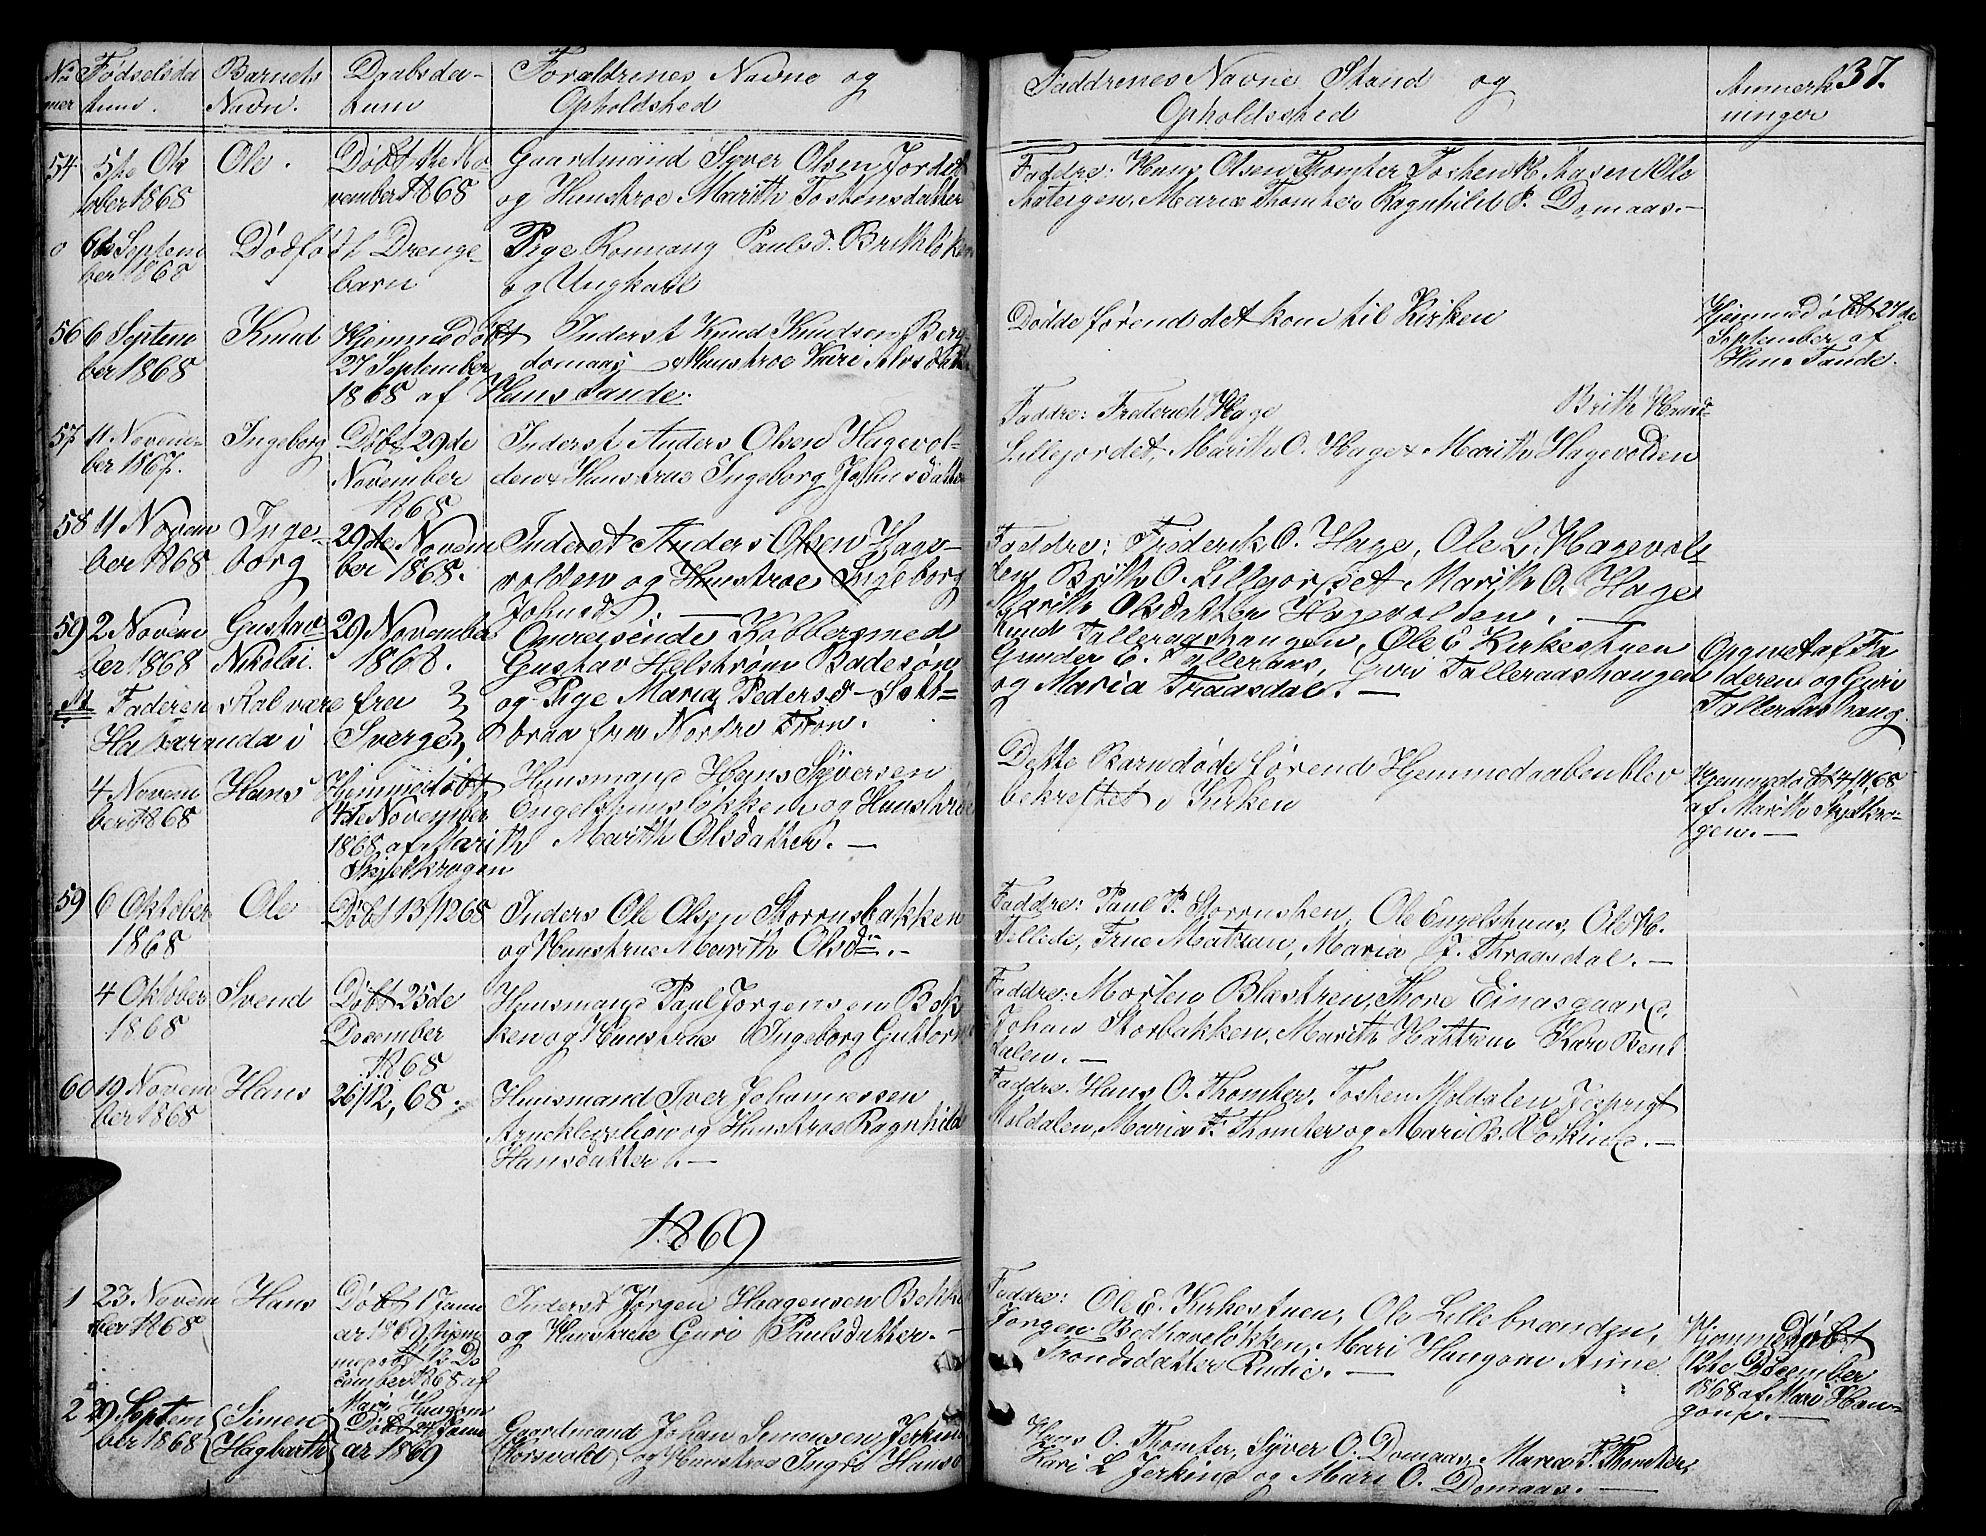 SAH, Dovre prestekontor, Klokkerbok nr. 1, 1862-1880, s. 37